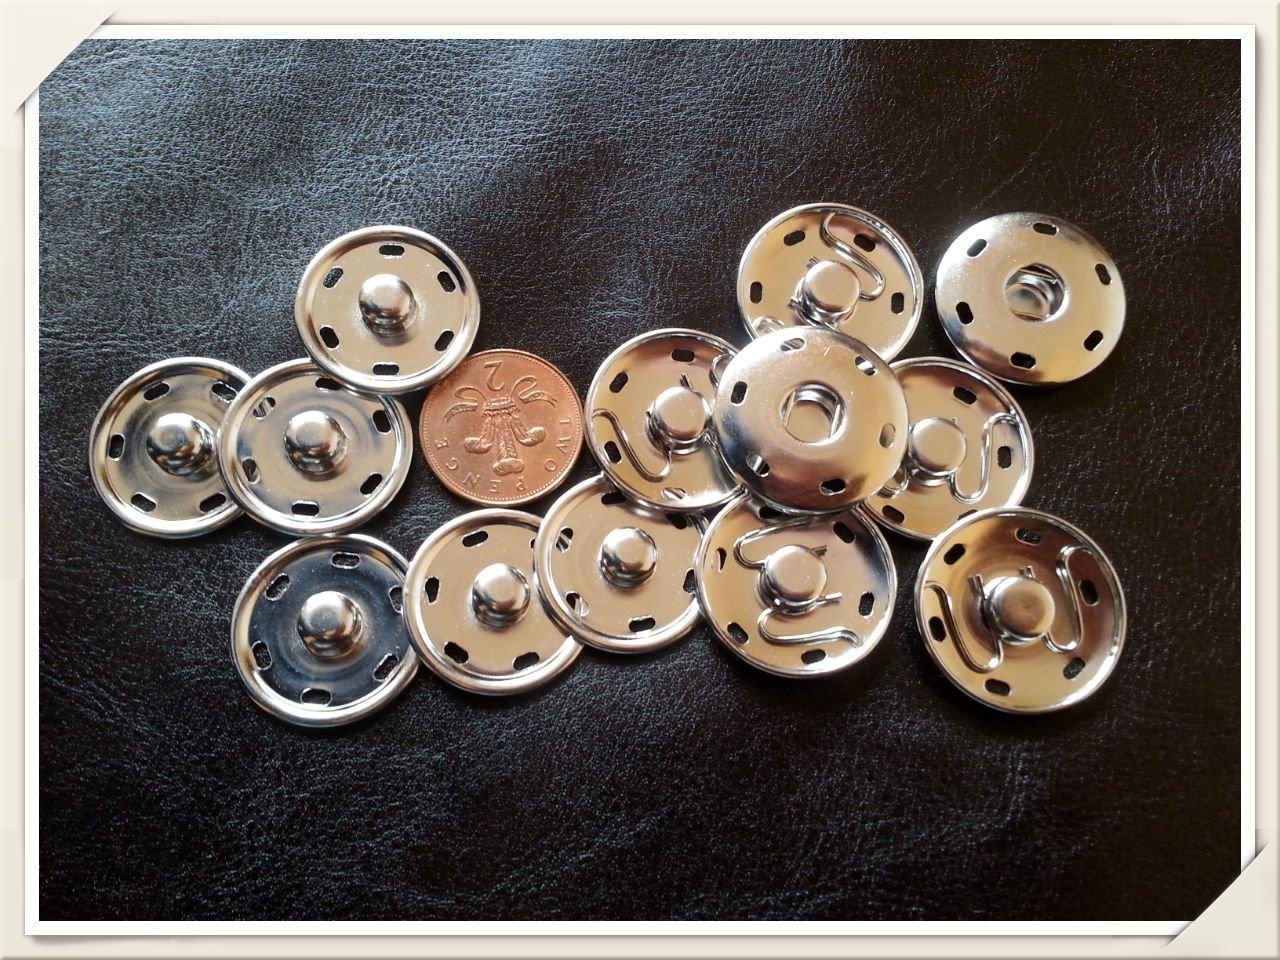 Grandi bottoni automatici, 30mm, in metallo, argento, con cuciture. Silver 30mm